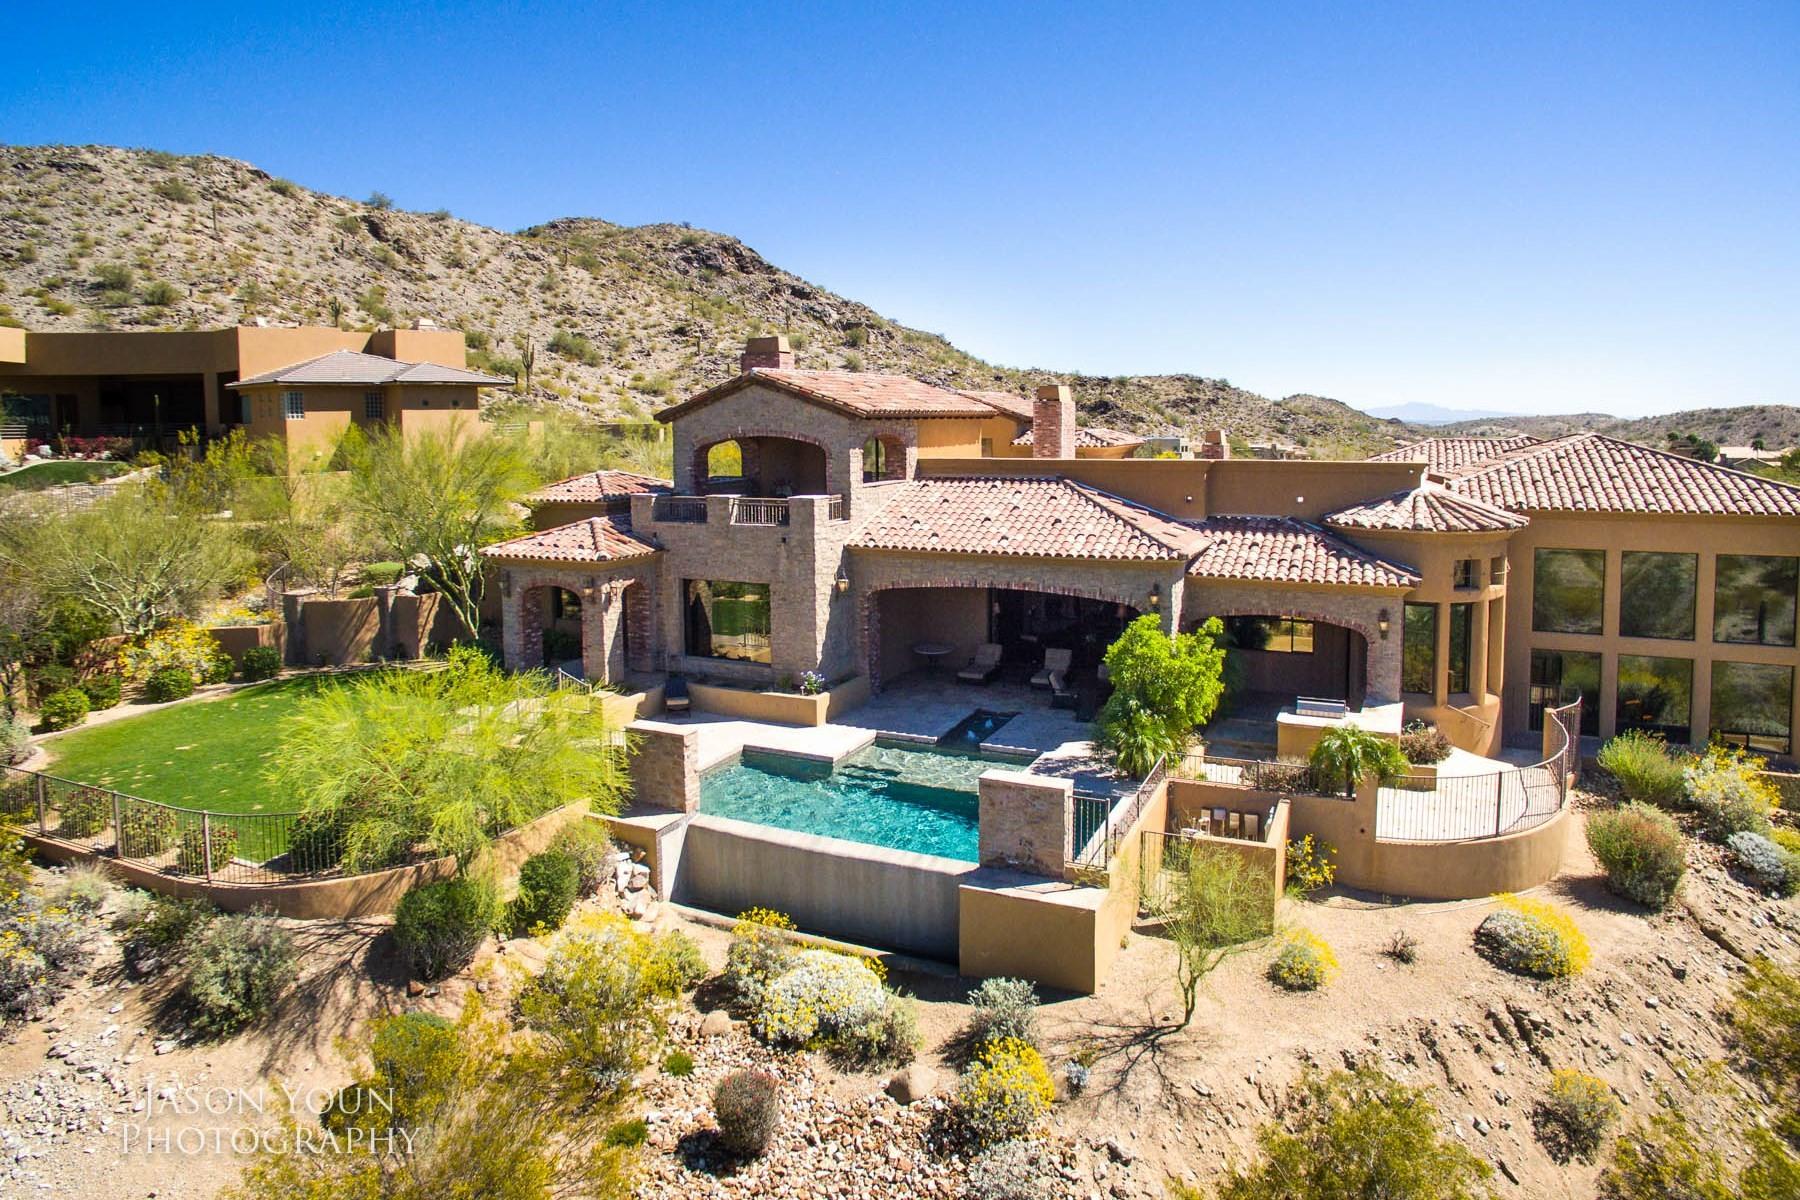 Частный односемейный дом для того Продажа на Hilltop custom Tuscan home in the gated community of Canyon Reserve 13808 S Canyon Dr Phoenix, Аризона, 85048 Соединенные Штаты